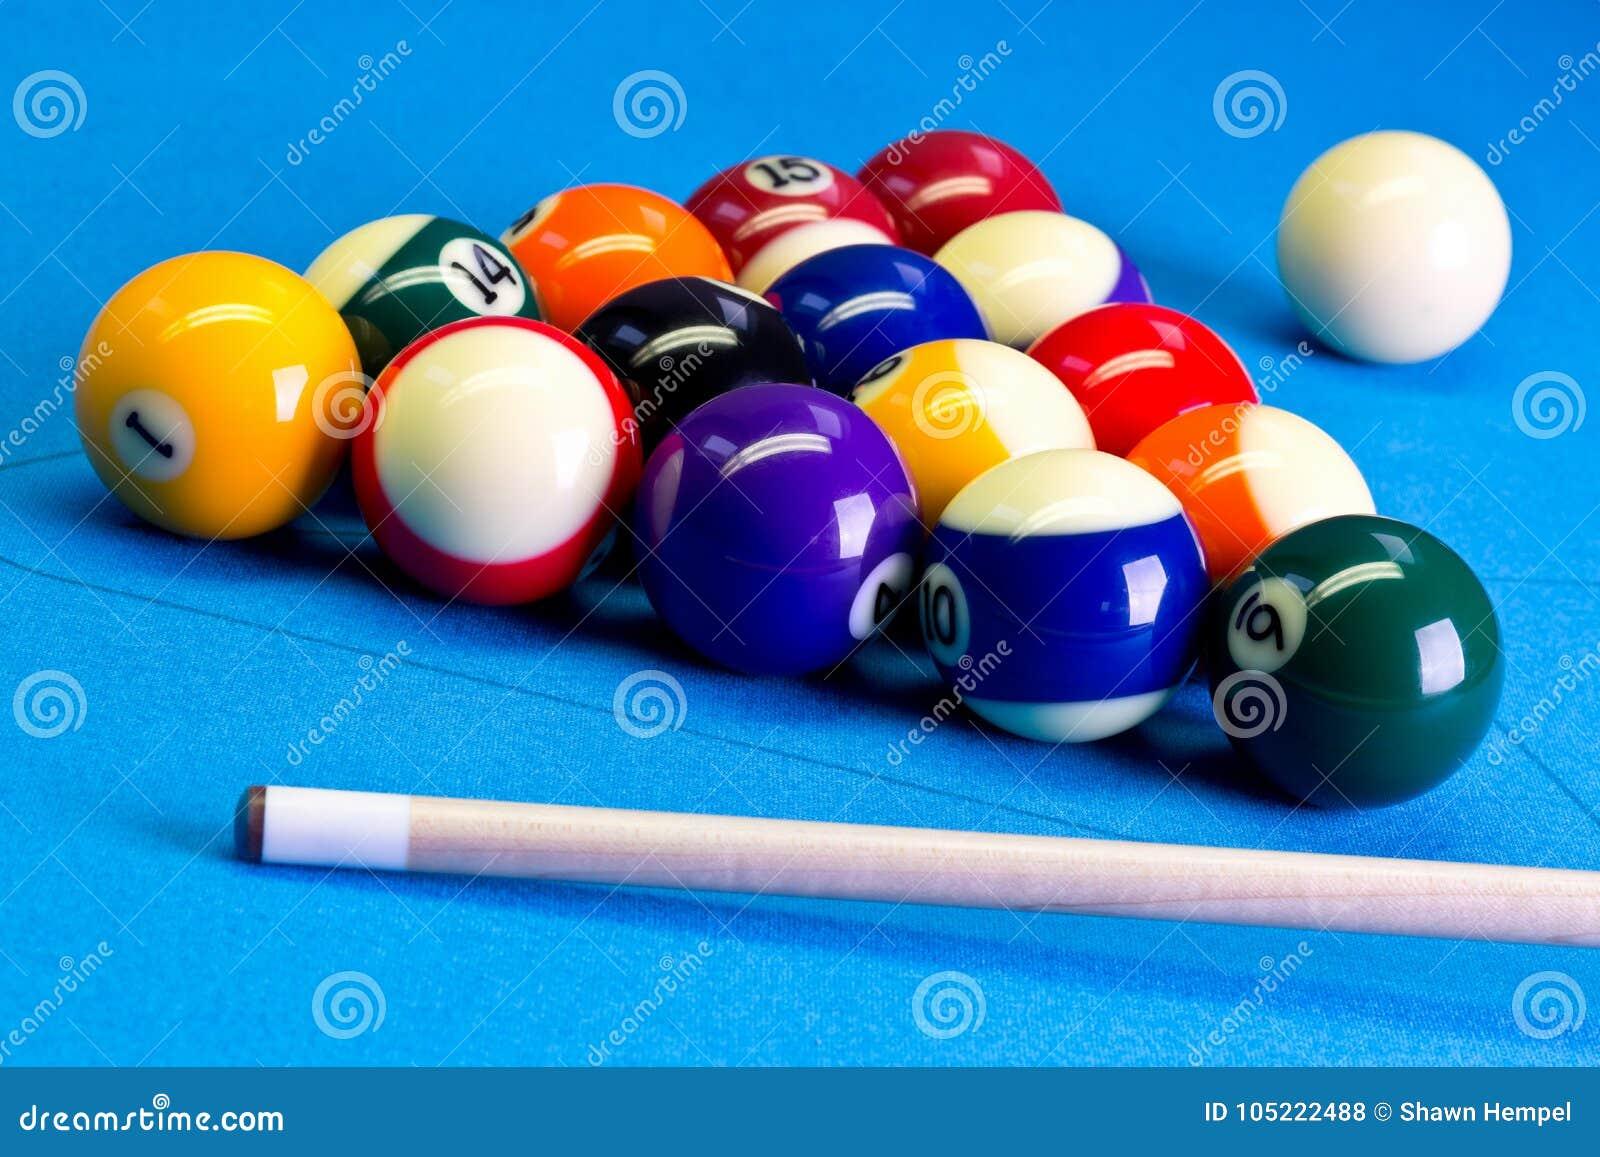 Pool Table Setup >> Billiard Pool Game Eight Ball Setup With Cue On Billiard Table Stock